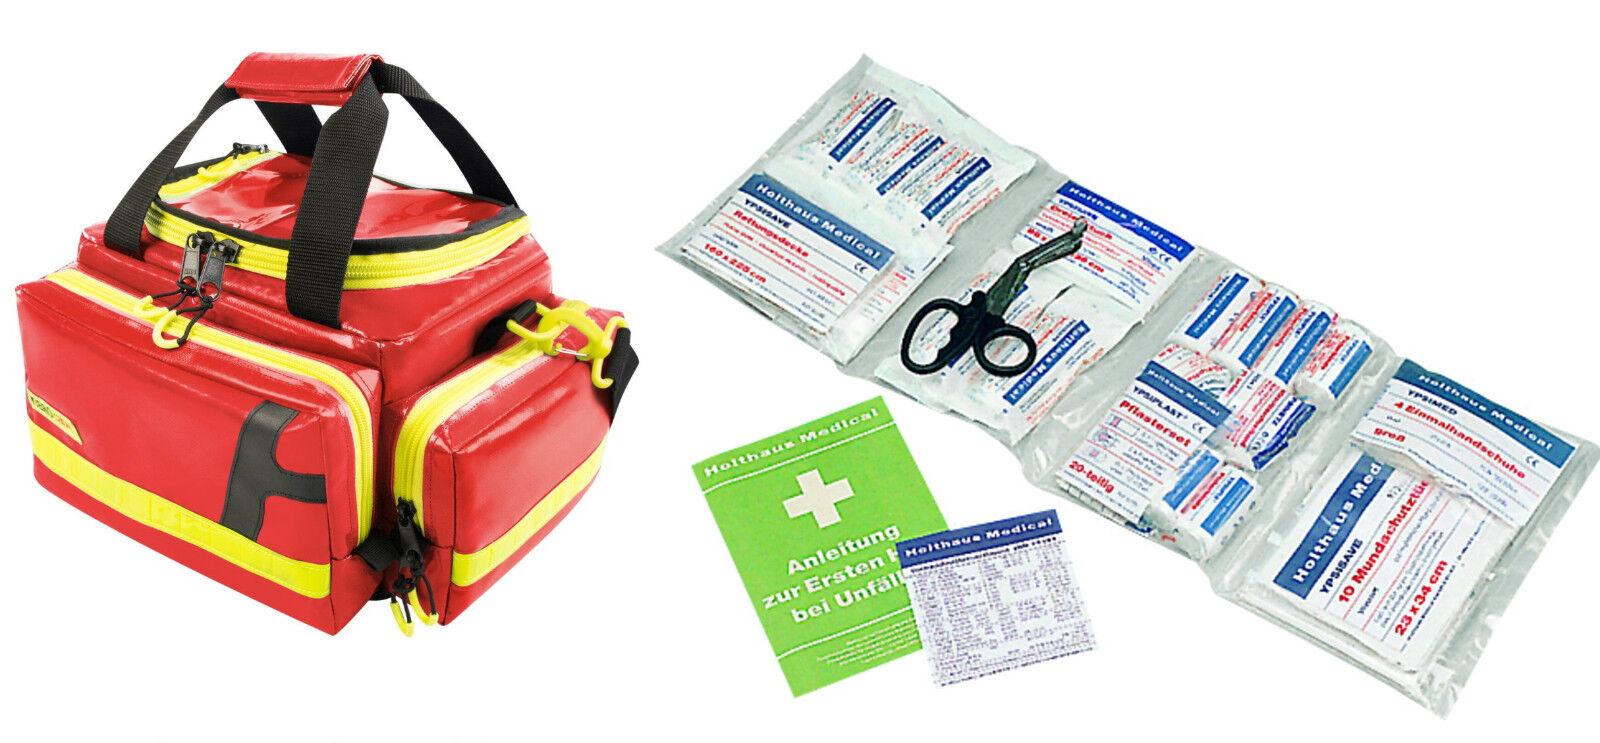 Notfalltasche AEROcase® RBS gefüllt DIN 13164 (First Responder Rettungsdienst)